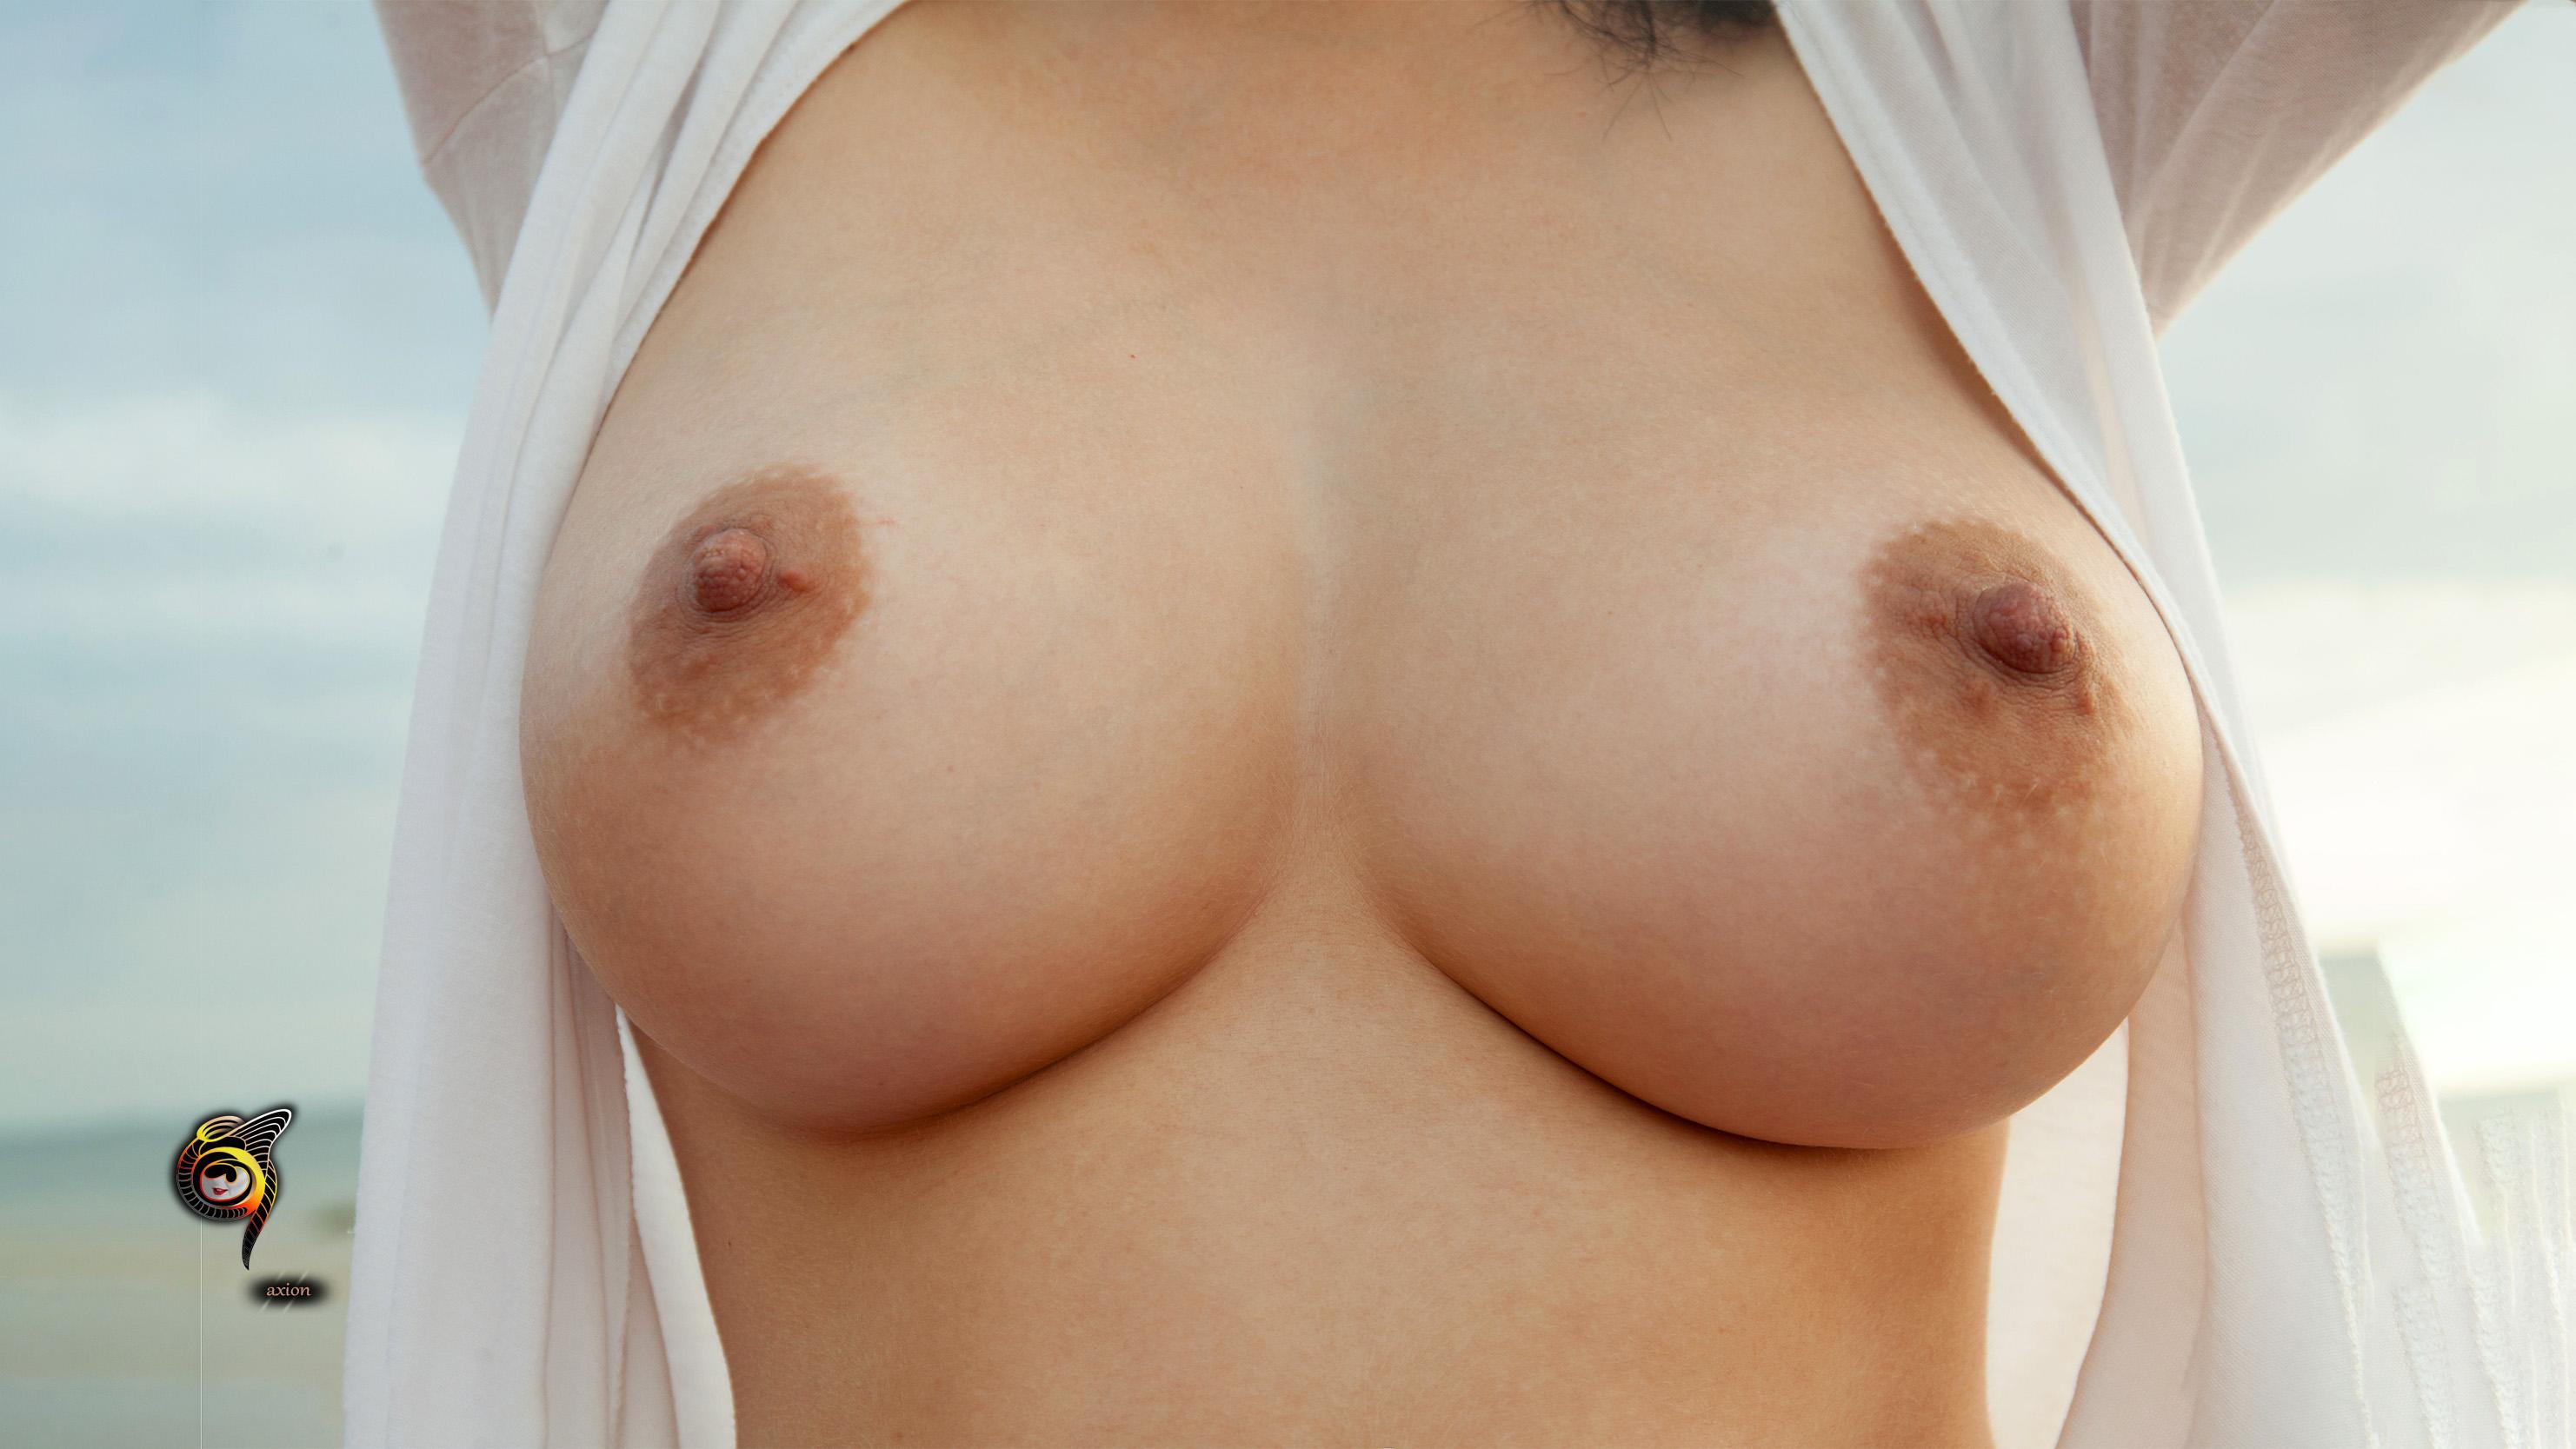 фото груди на телефона